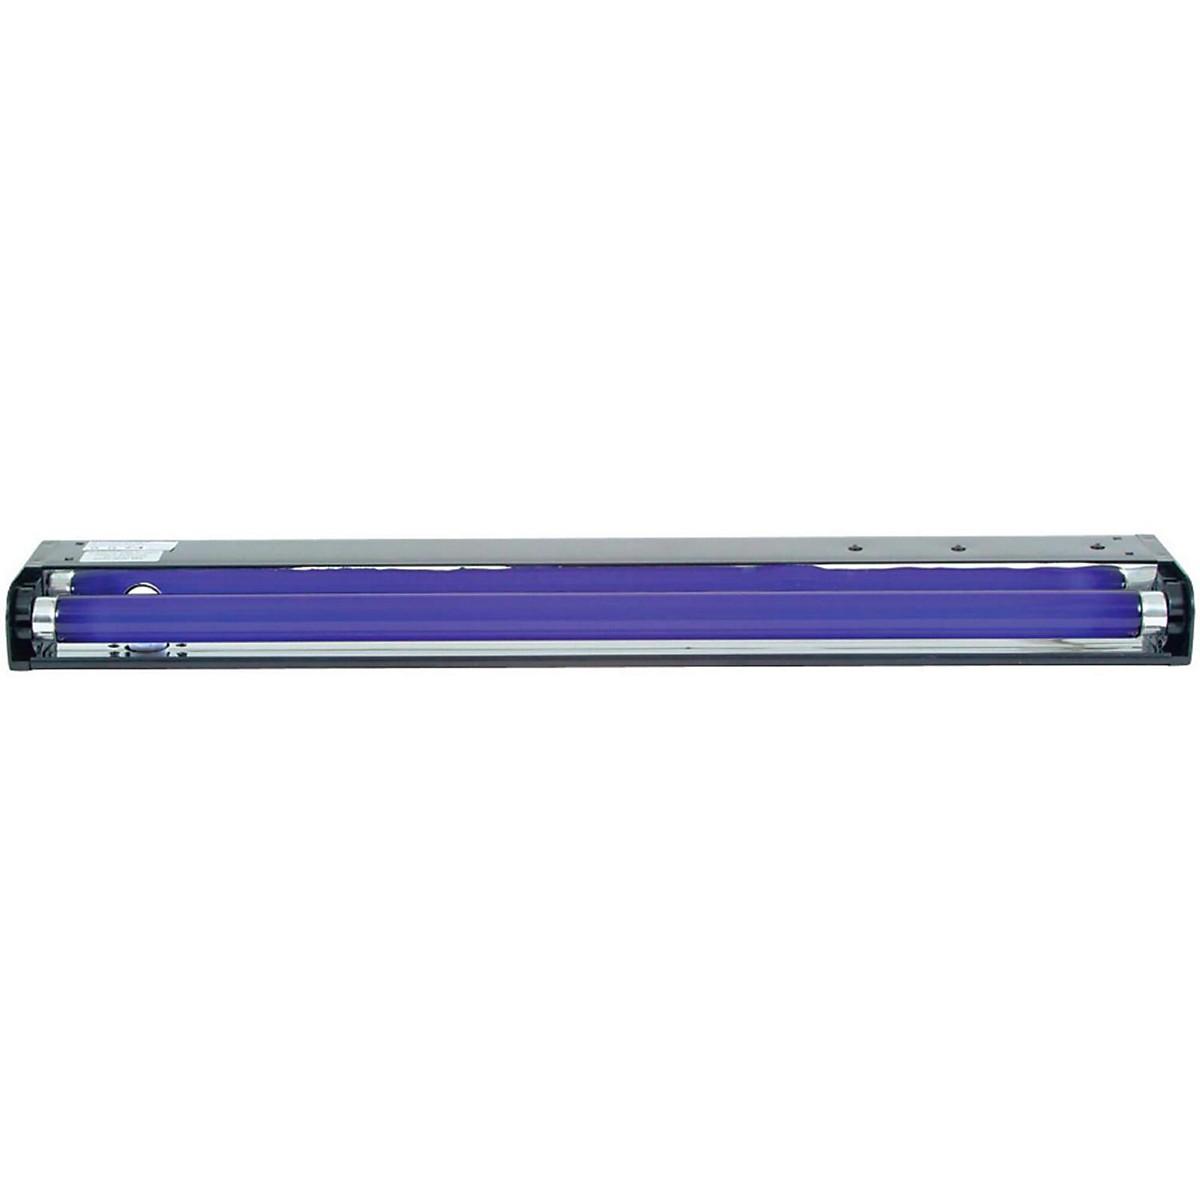 Eliminator Lighting Black-48 (E-124) Blacklight